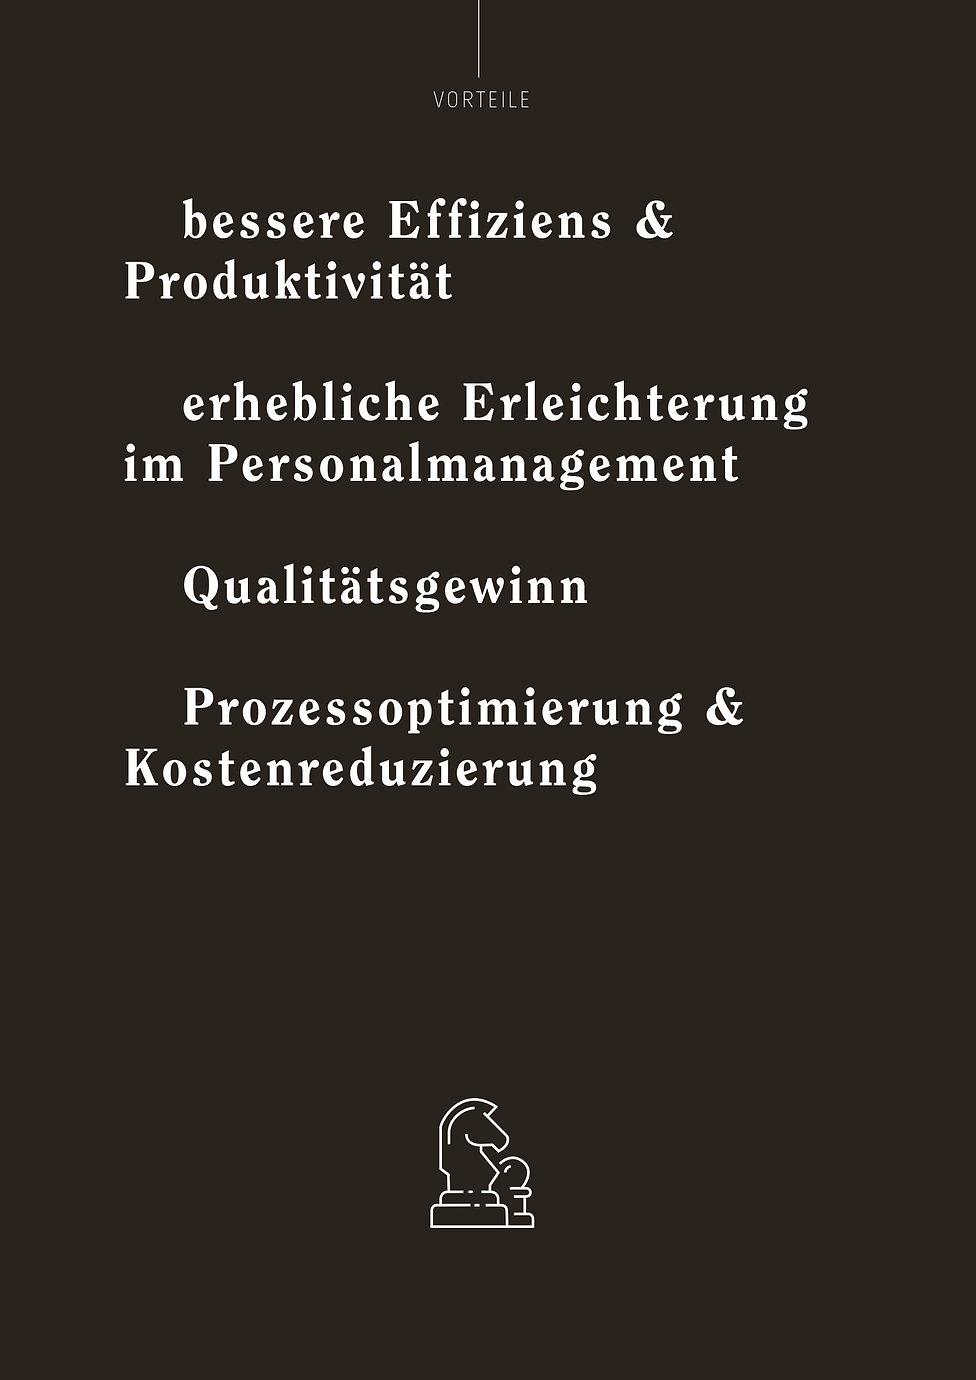 HerrMü BPO-3.jpg